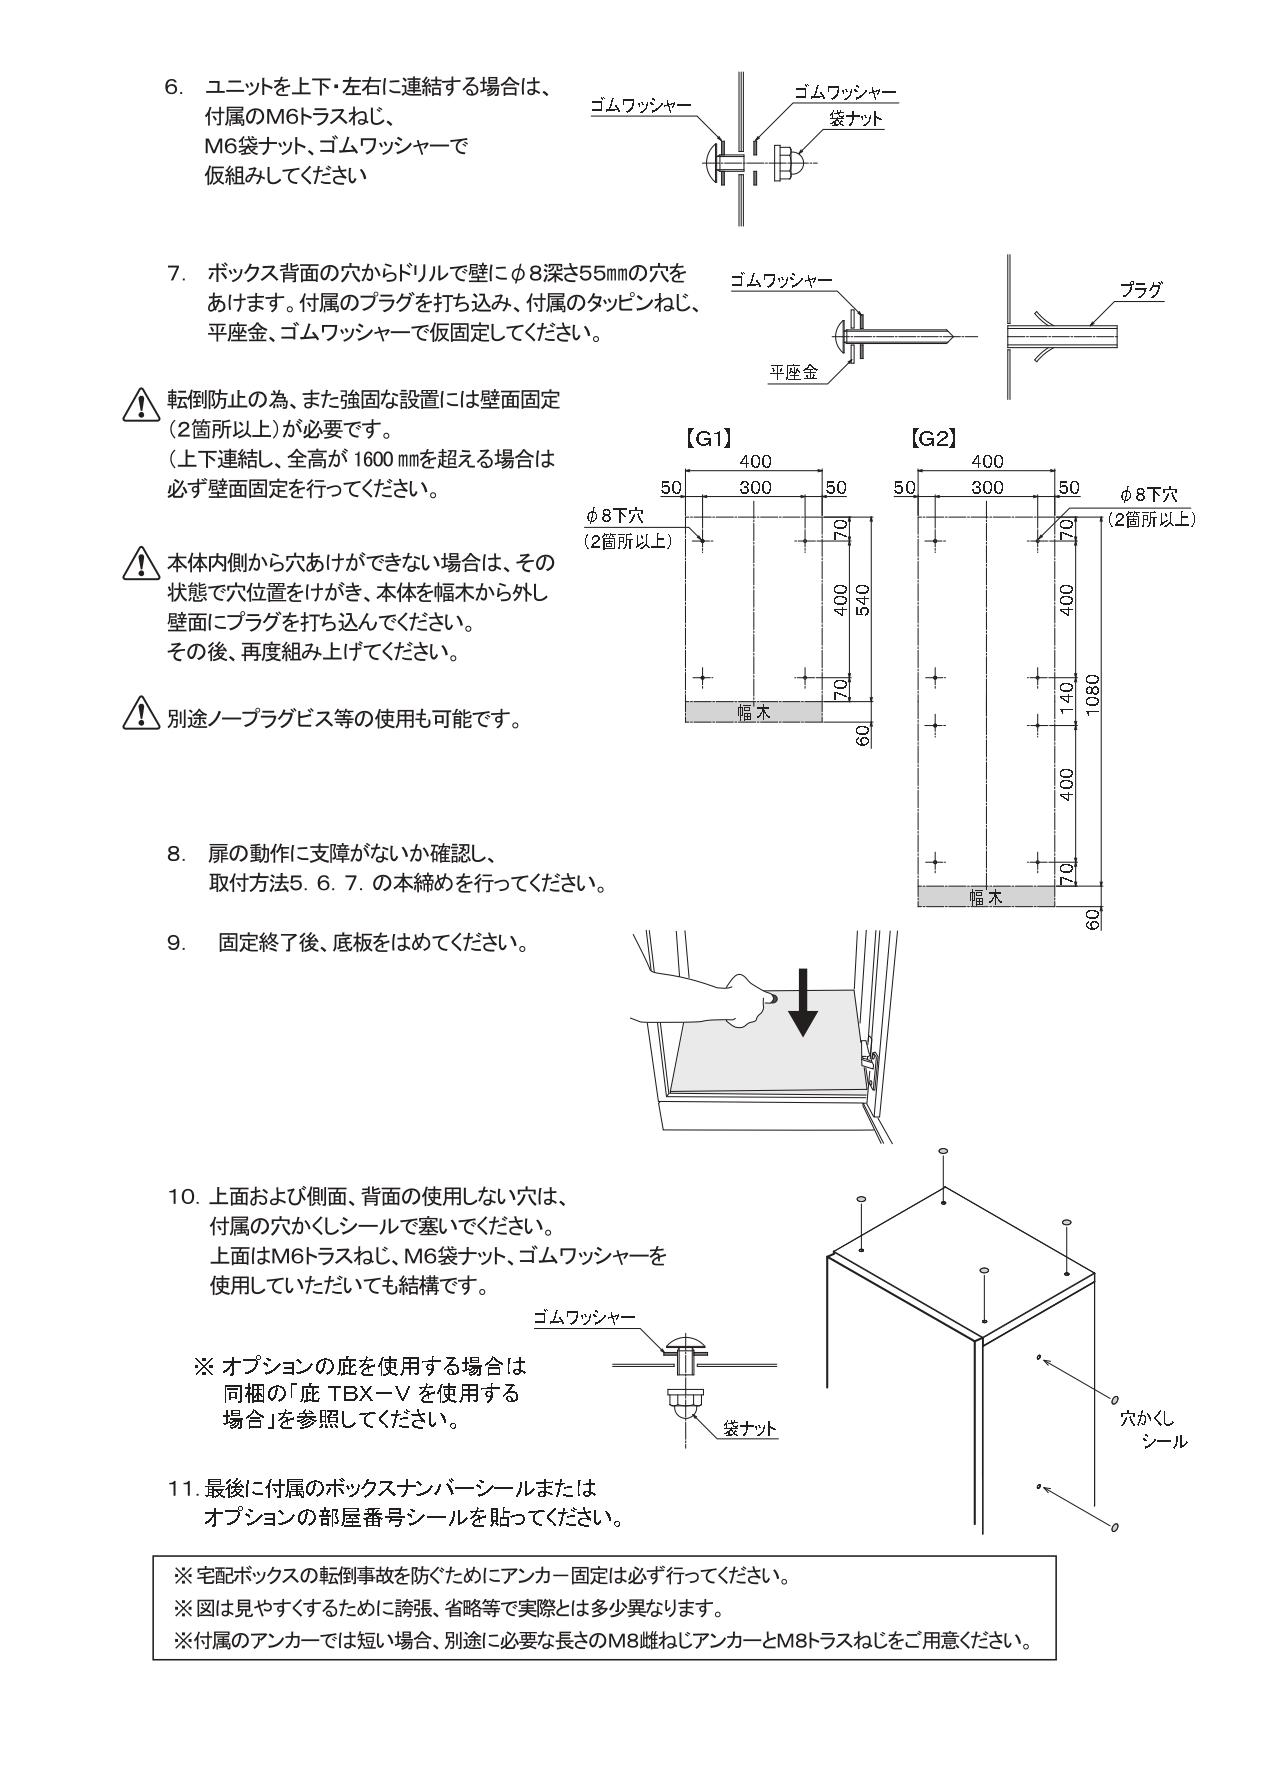 宅配ボックスTBX-G 施工説明書_page-0003